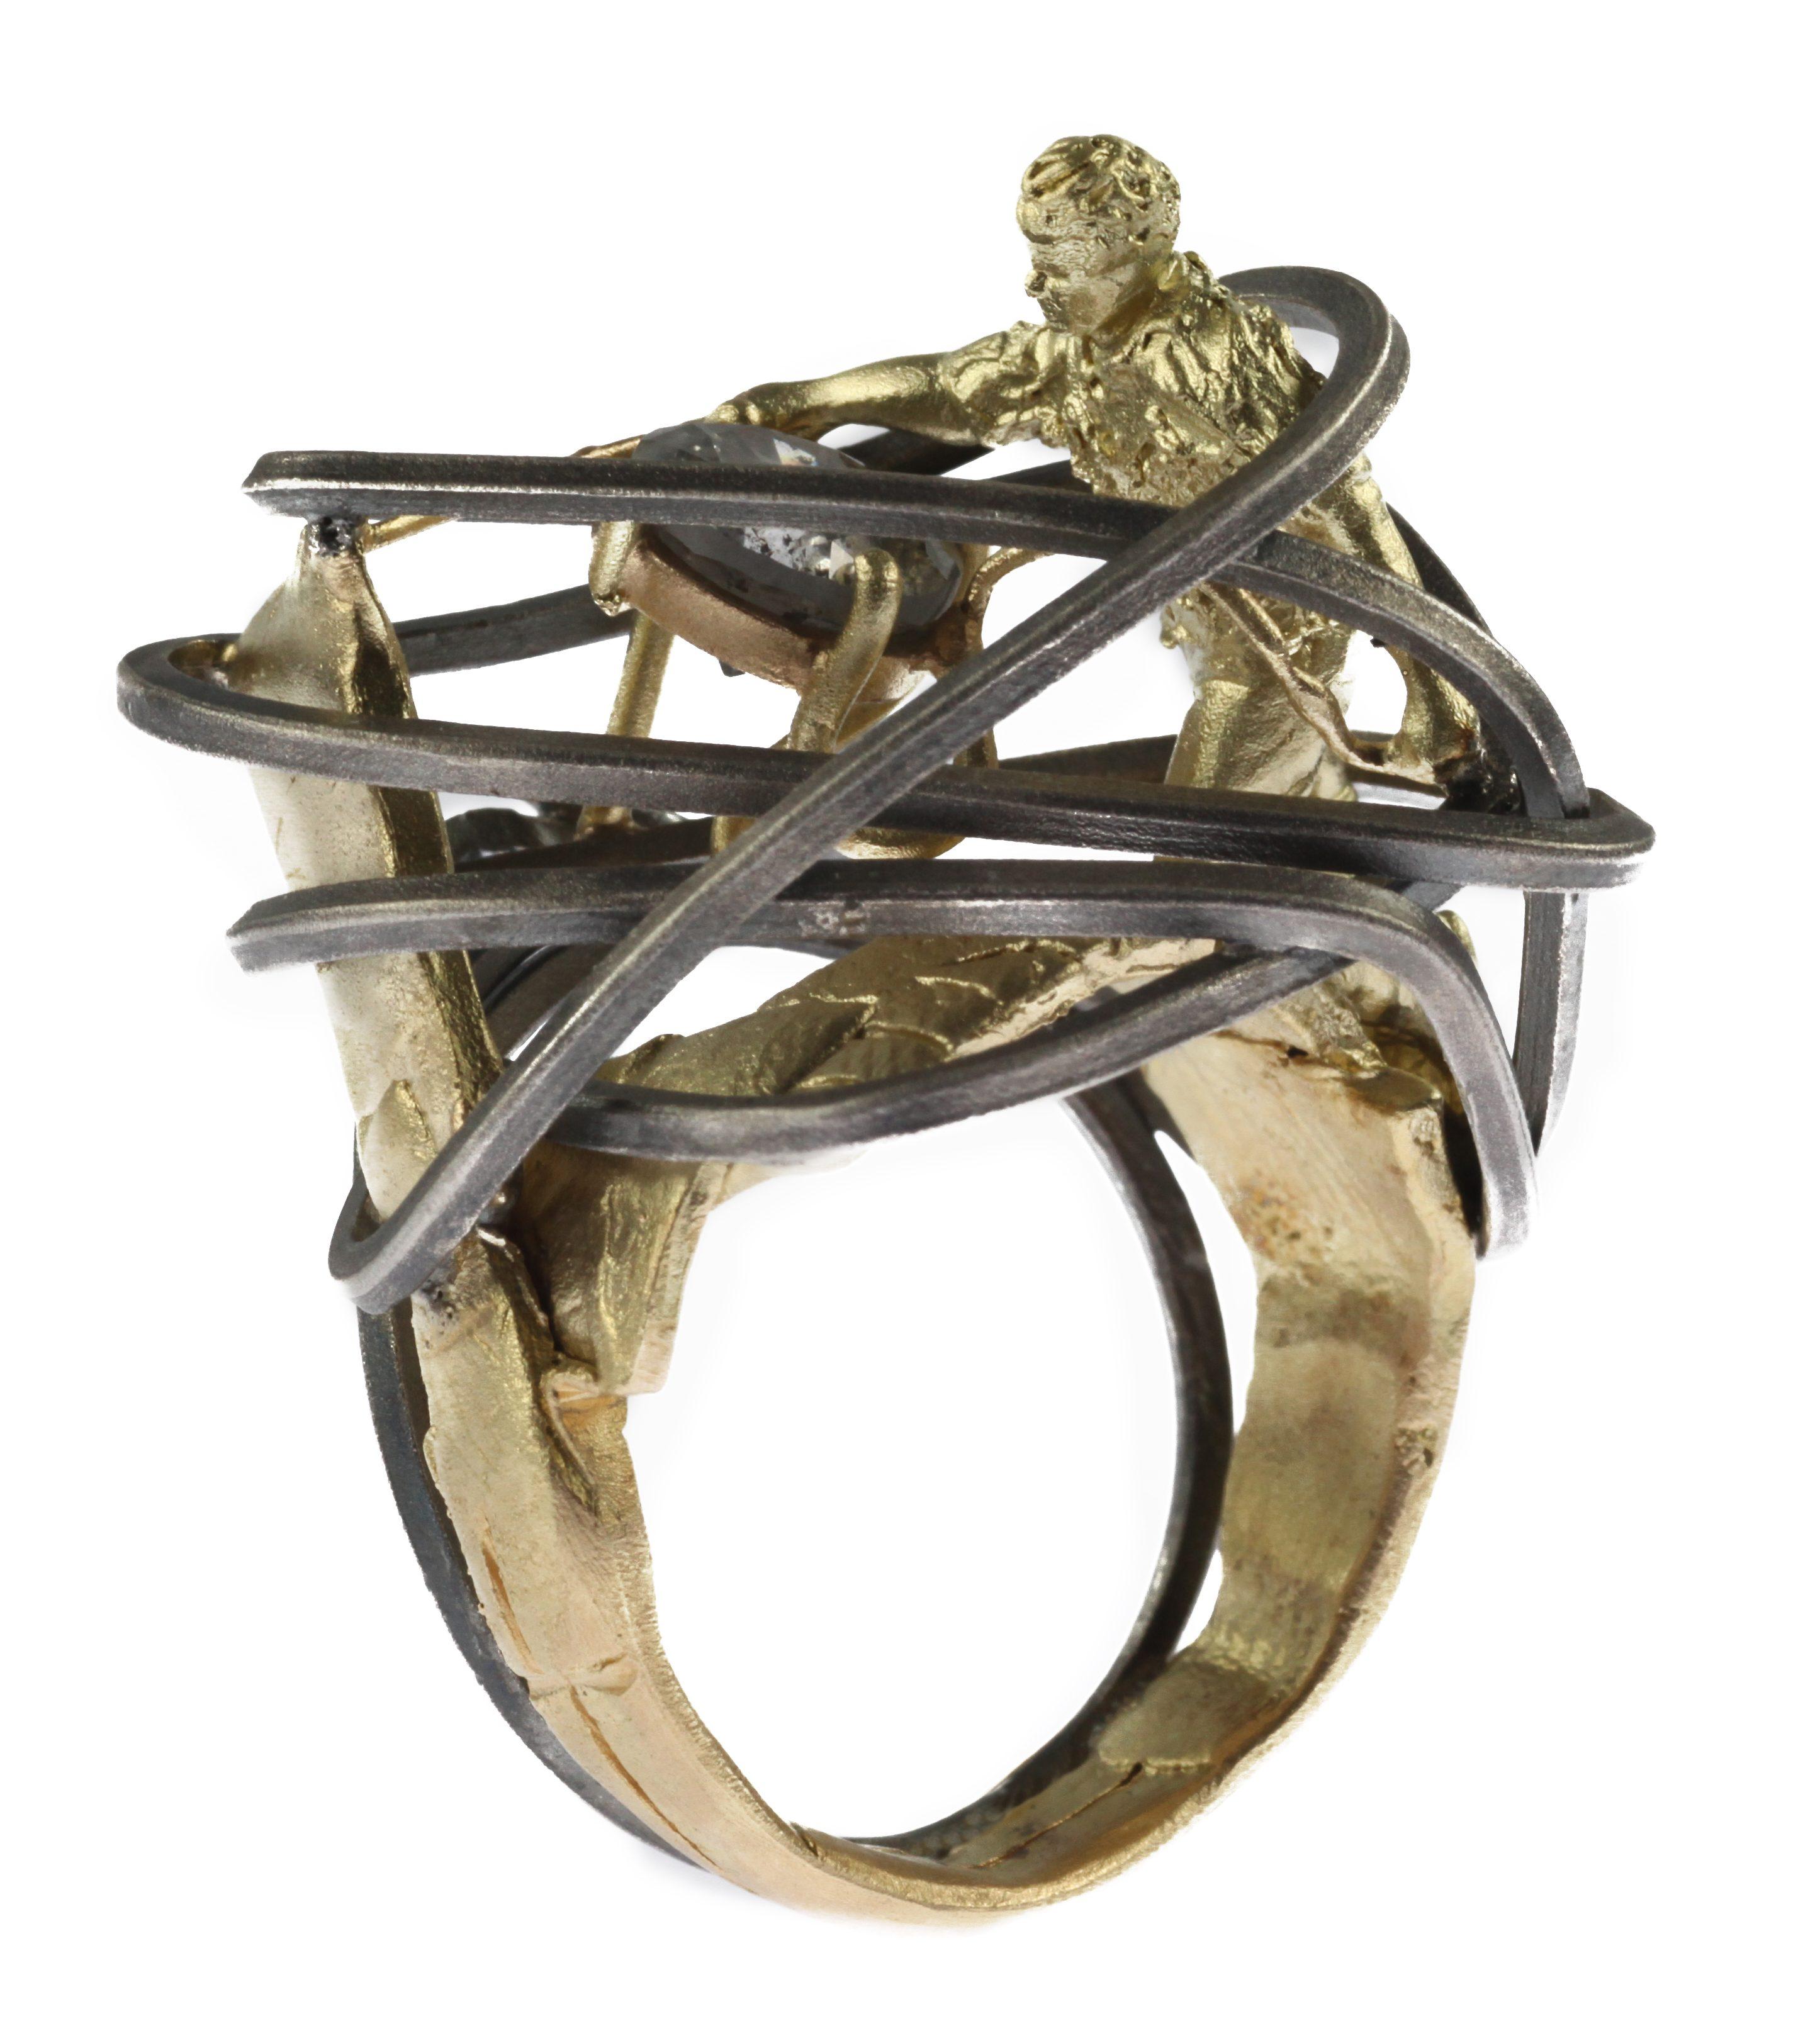 Robert Mazlo, Alchimia, ring. Foto met dank aan LA Joaillerie par Mazlo©